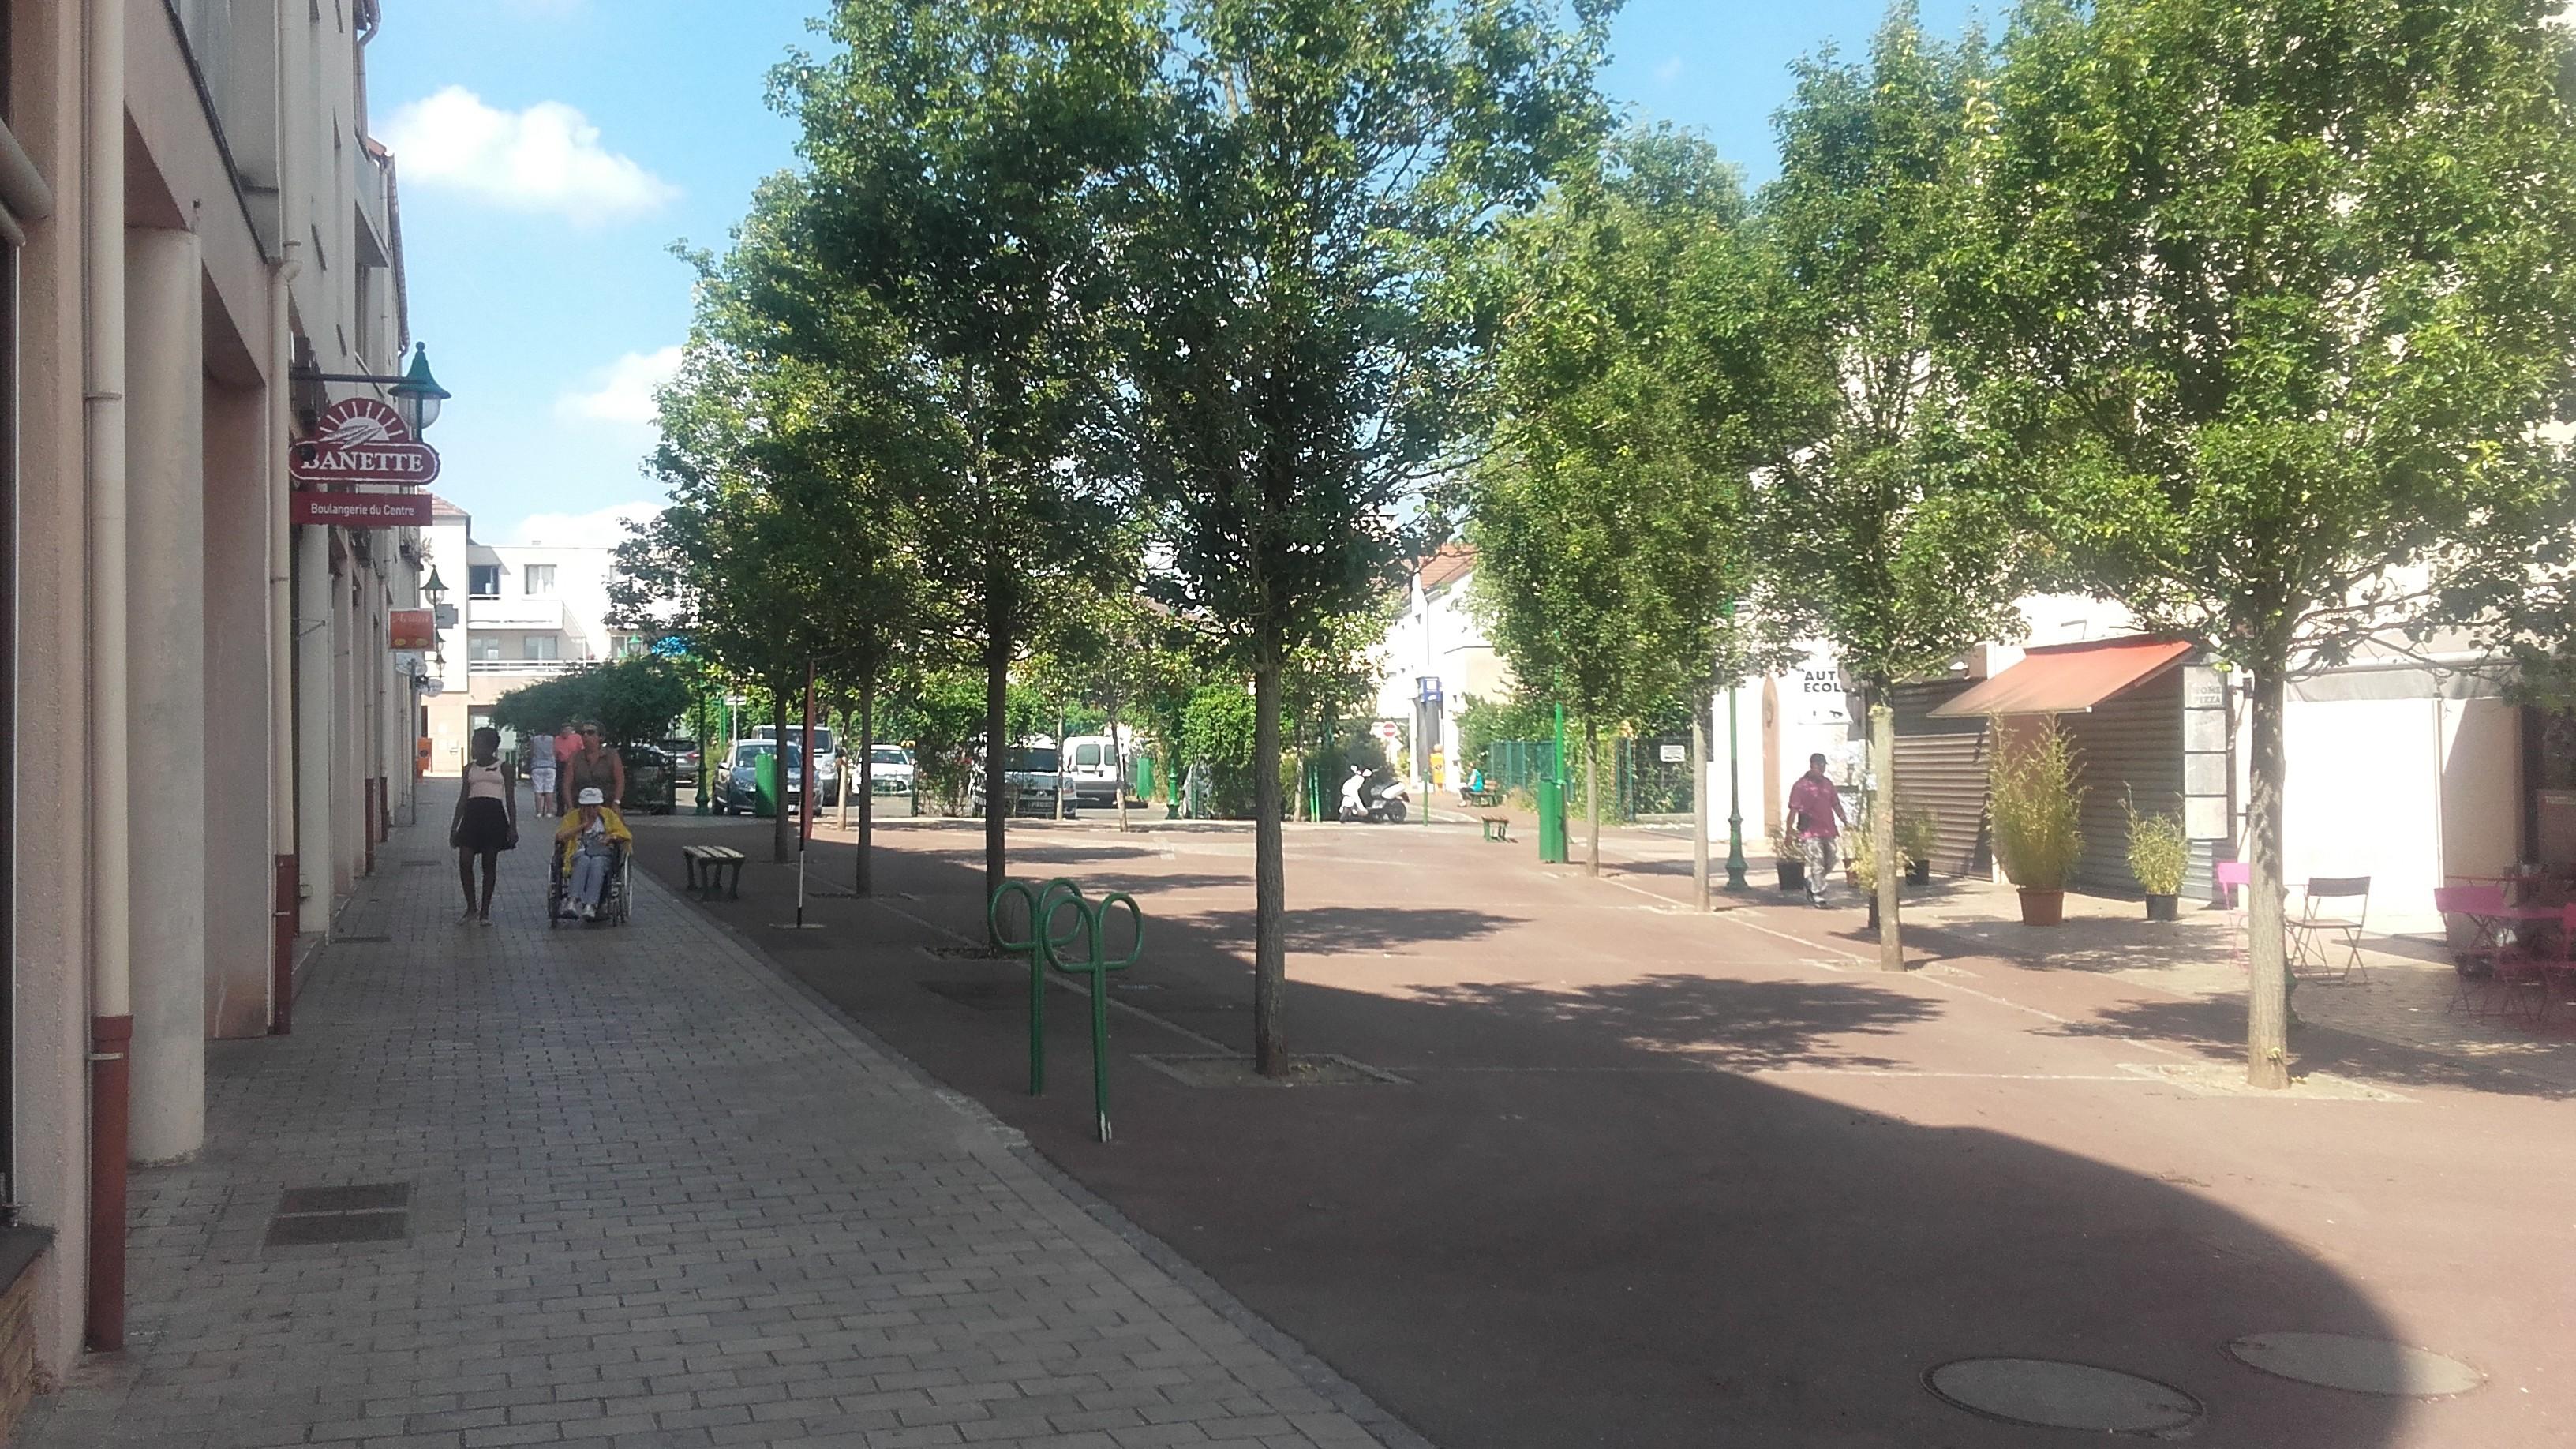 Les commerces, services & activités du centre-ville de Vernouillet